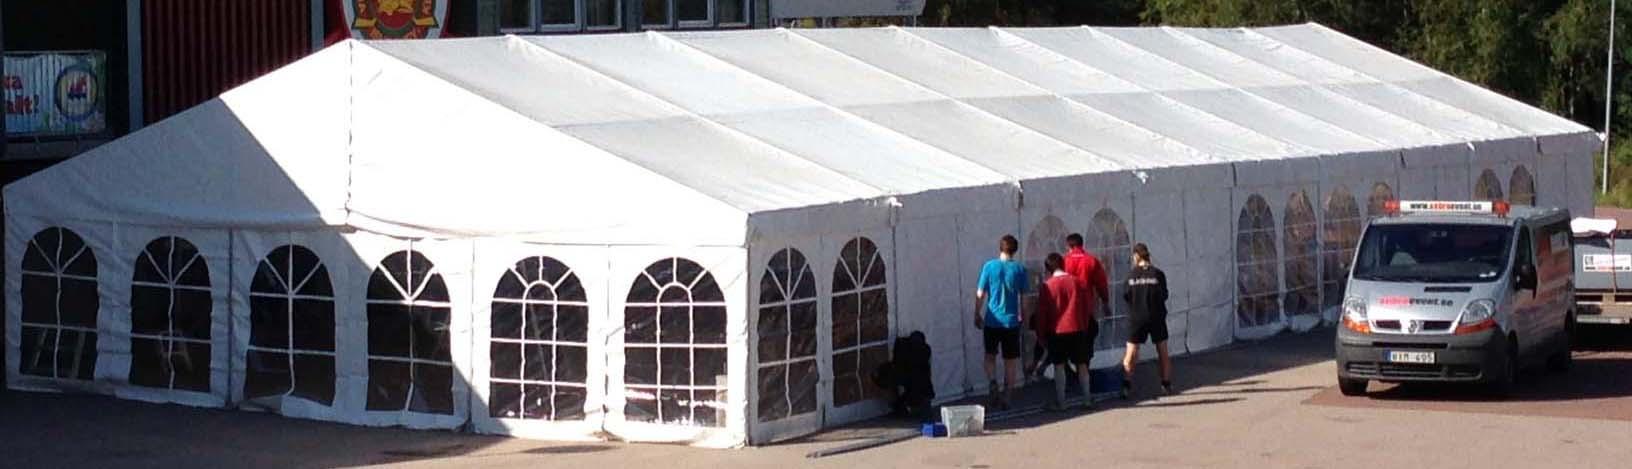 ... av Tält, Golv, Möbler, Toaletter & Paketering av Konferenser, Event